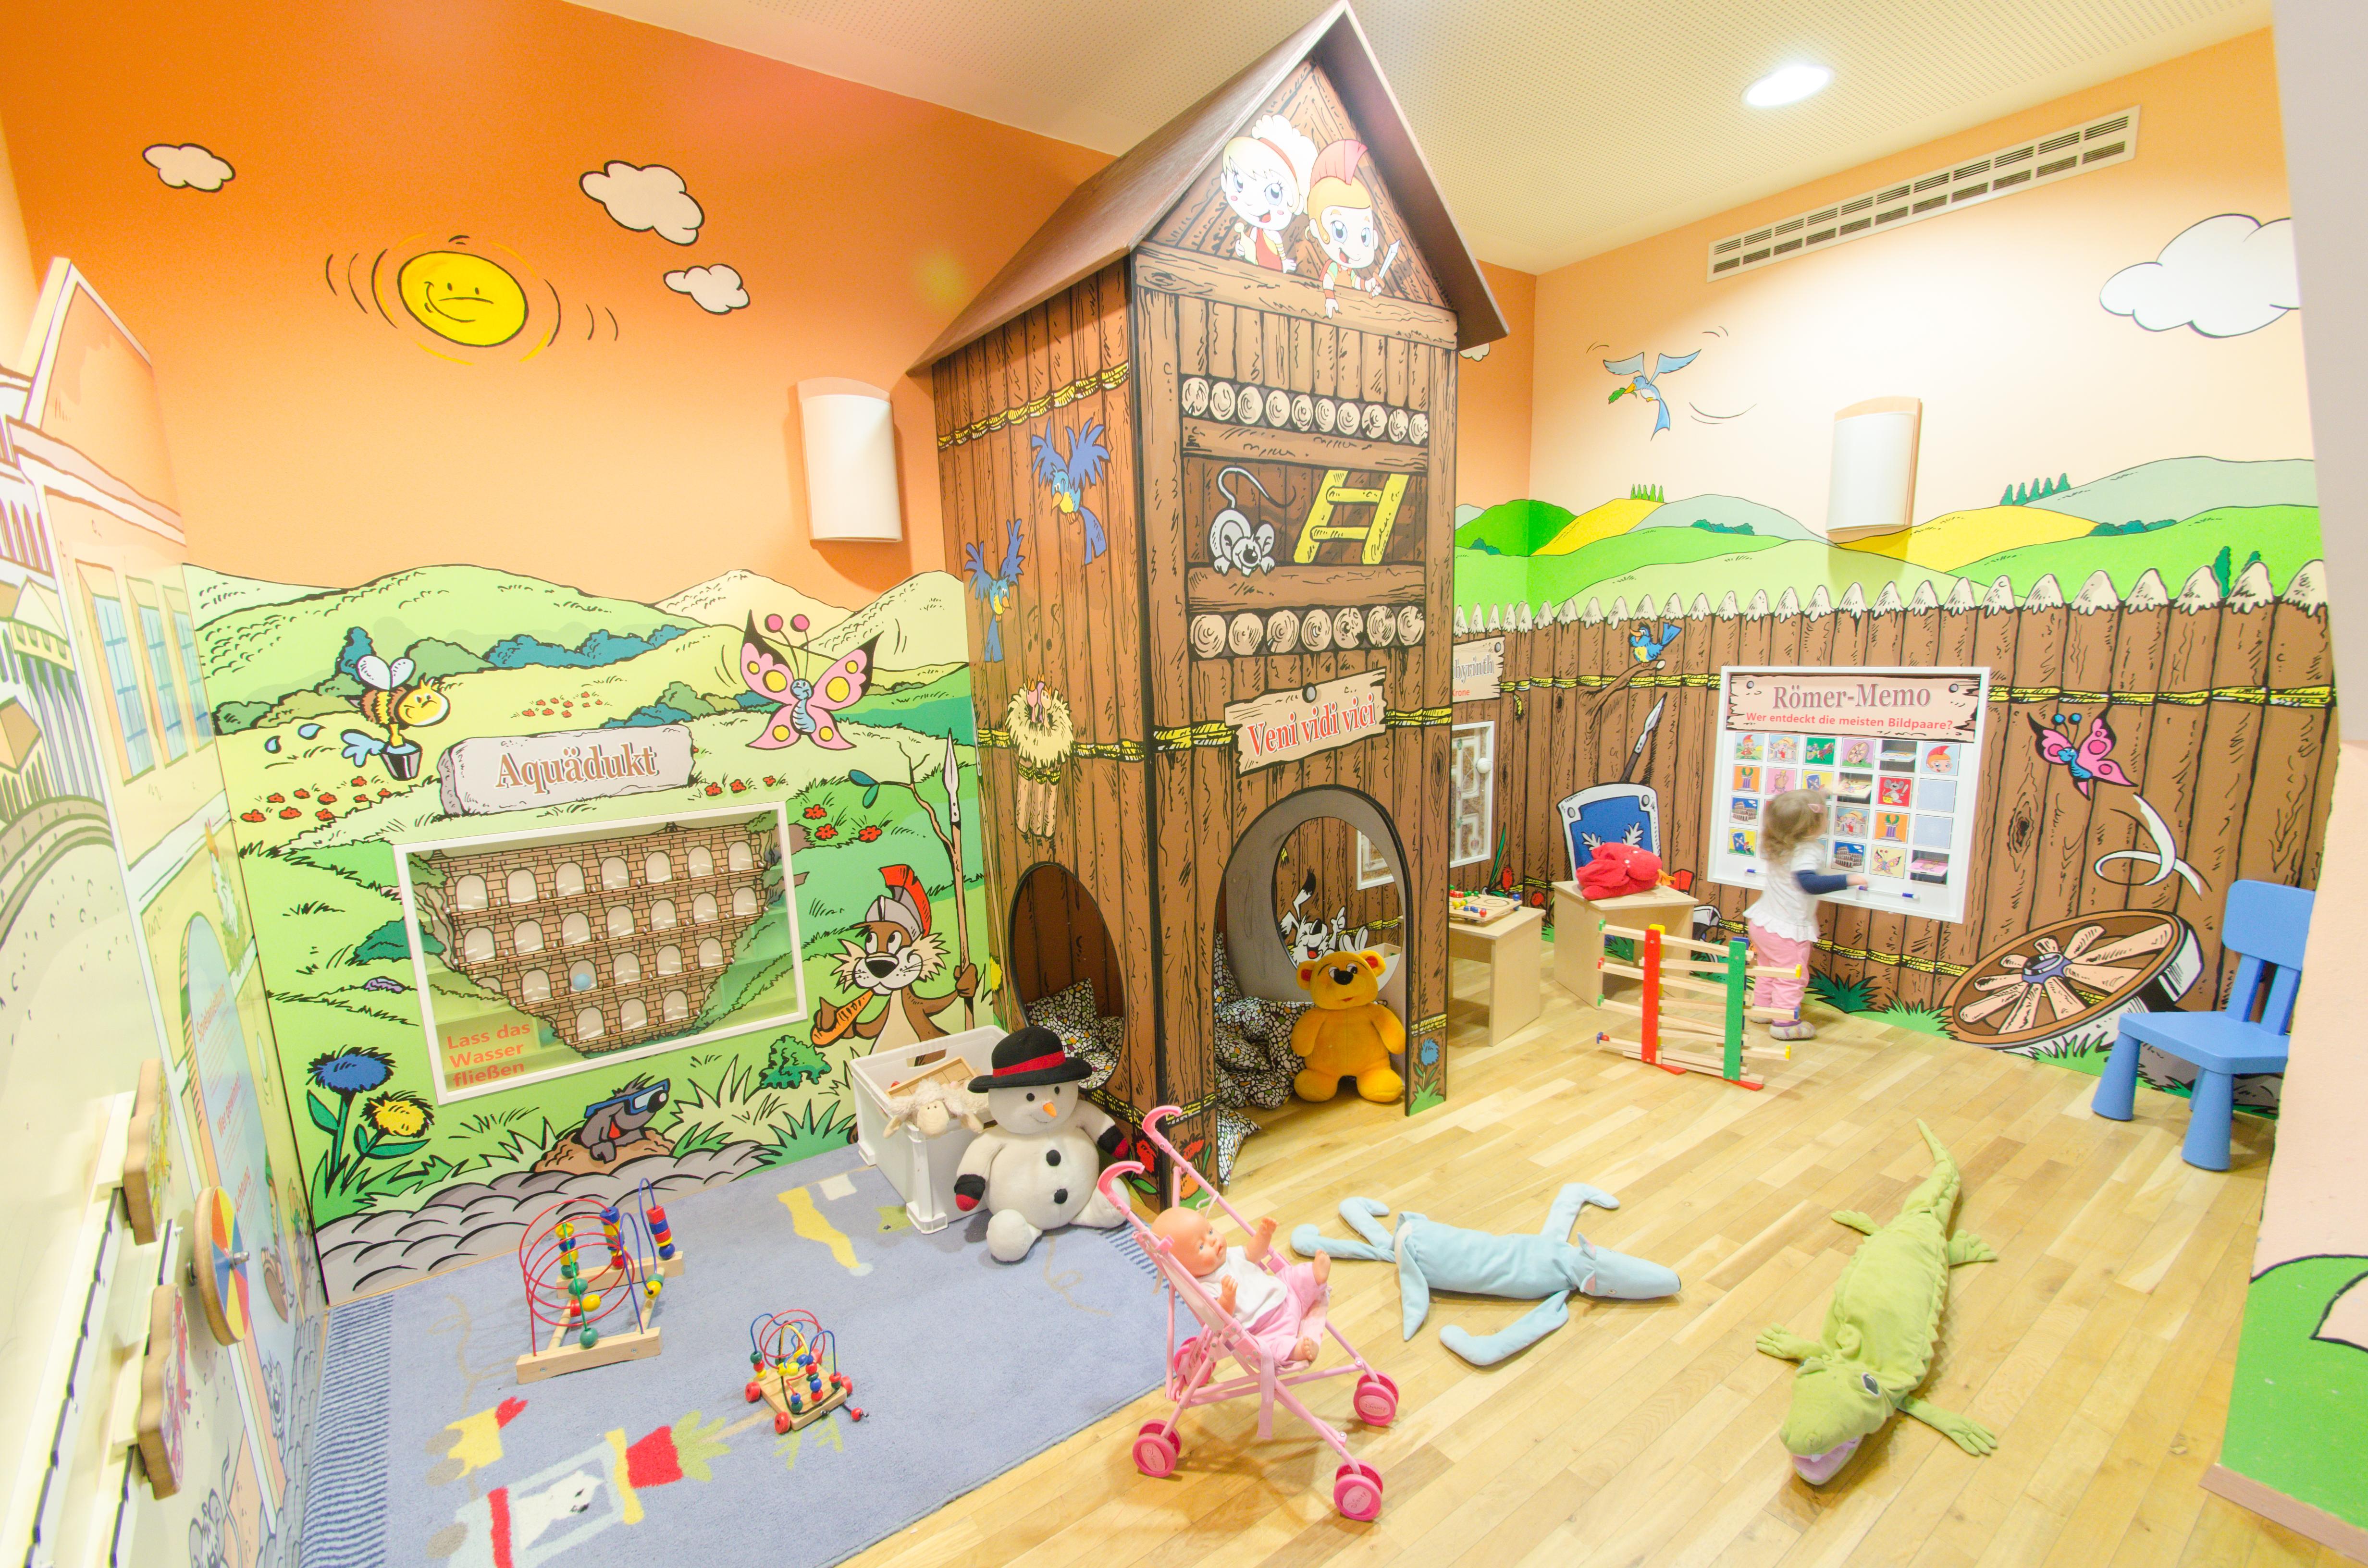 Spielzimmer  mit Spielhaus im JUFA Kempten Familien-Resort. Der Ort für kinderfreundlichen und erlebnisreichen Urlaub für die ganze Familie.